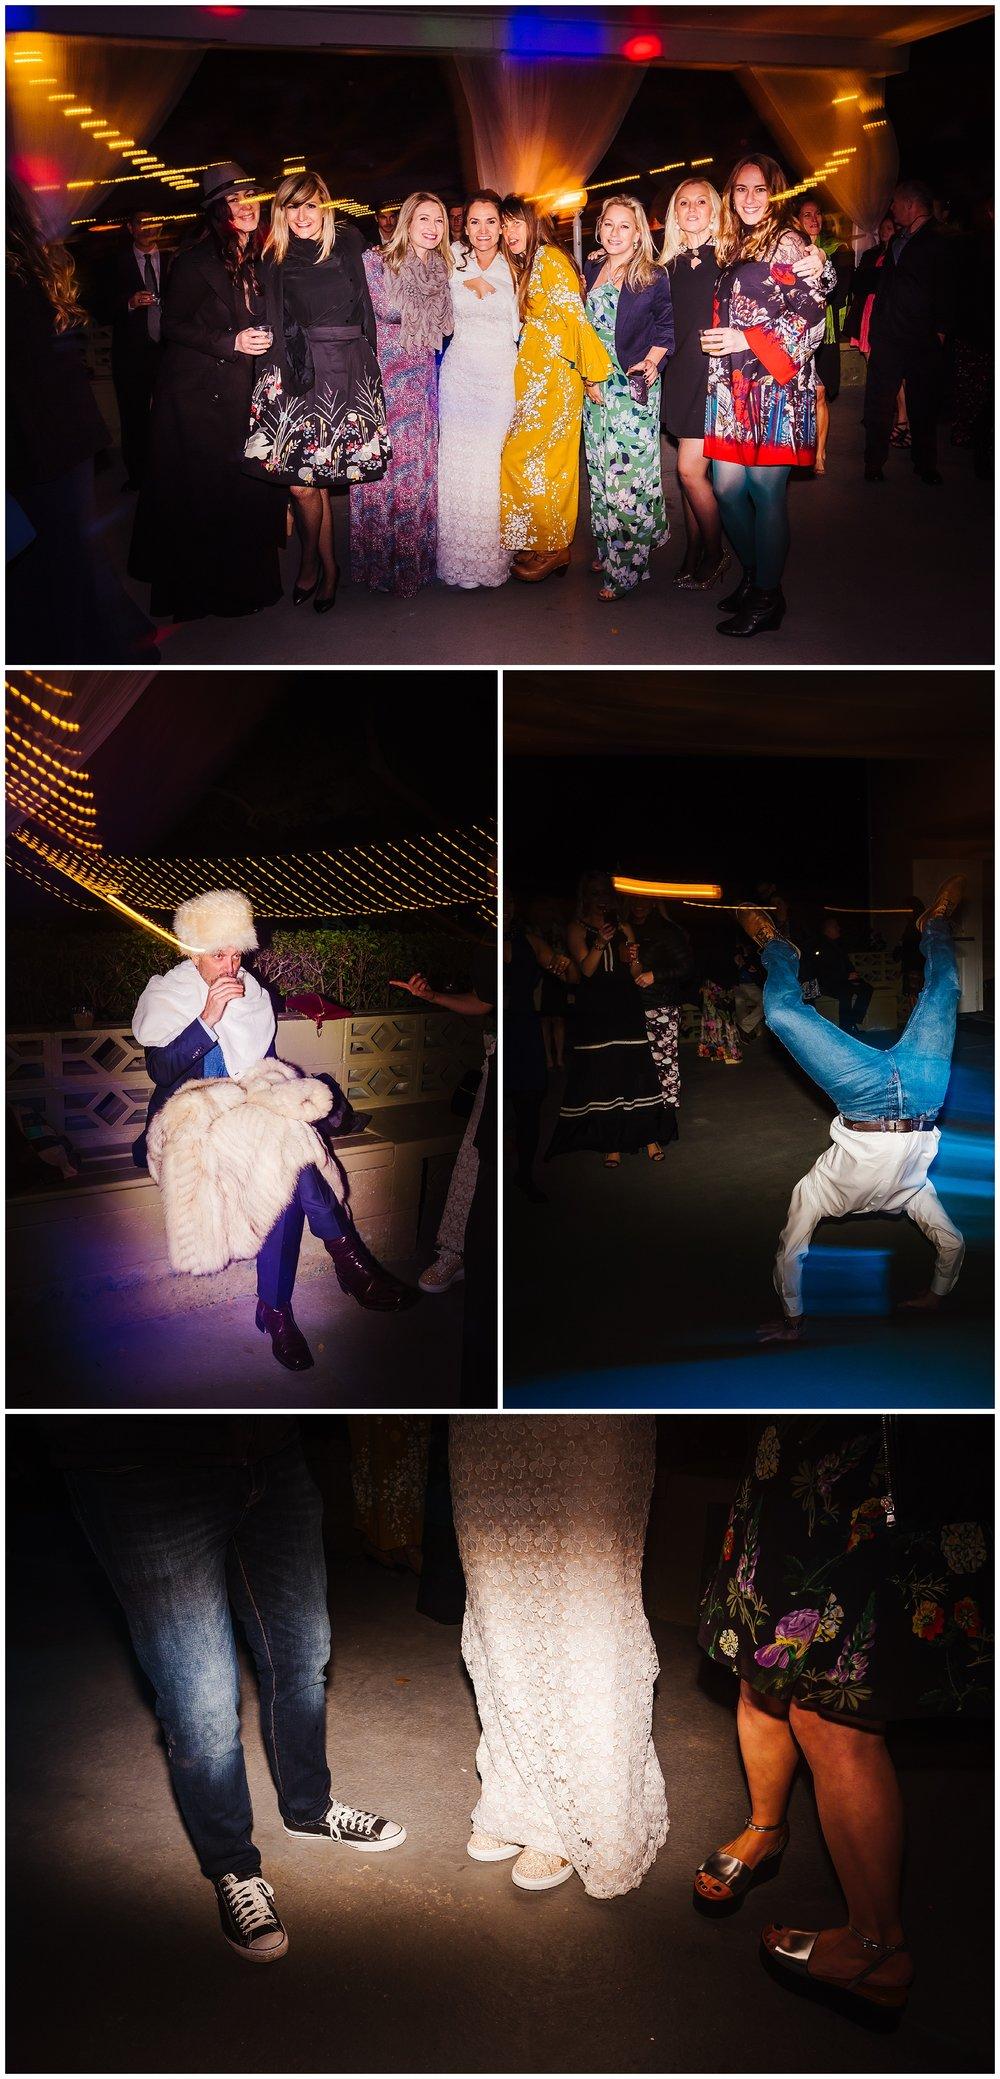 tampa-wedding-photographer-davis-island-flamingo-garden-alexander-mcqueen-non-traditional_0067.jpg